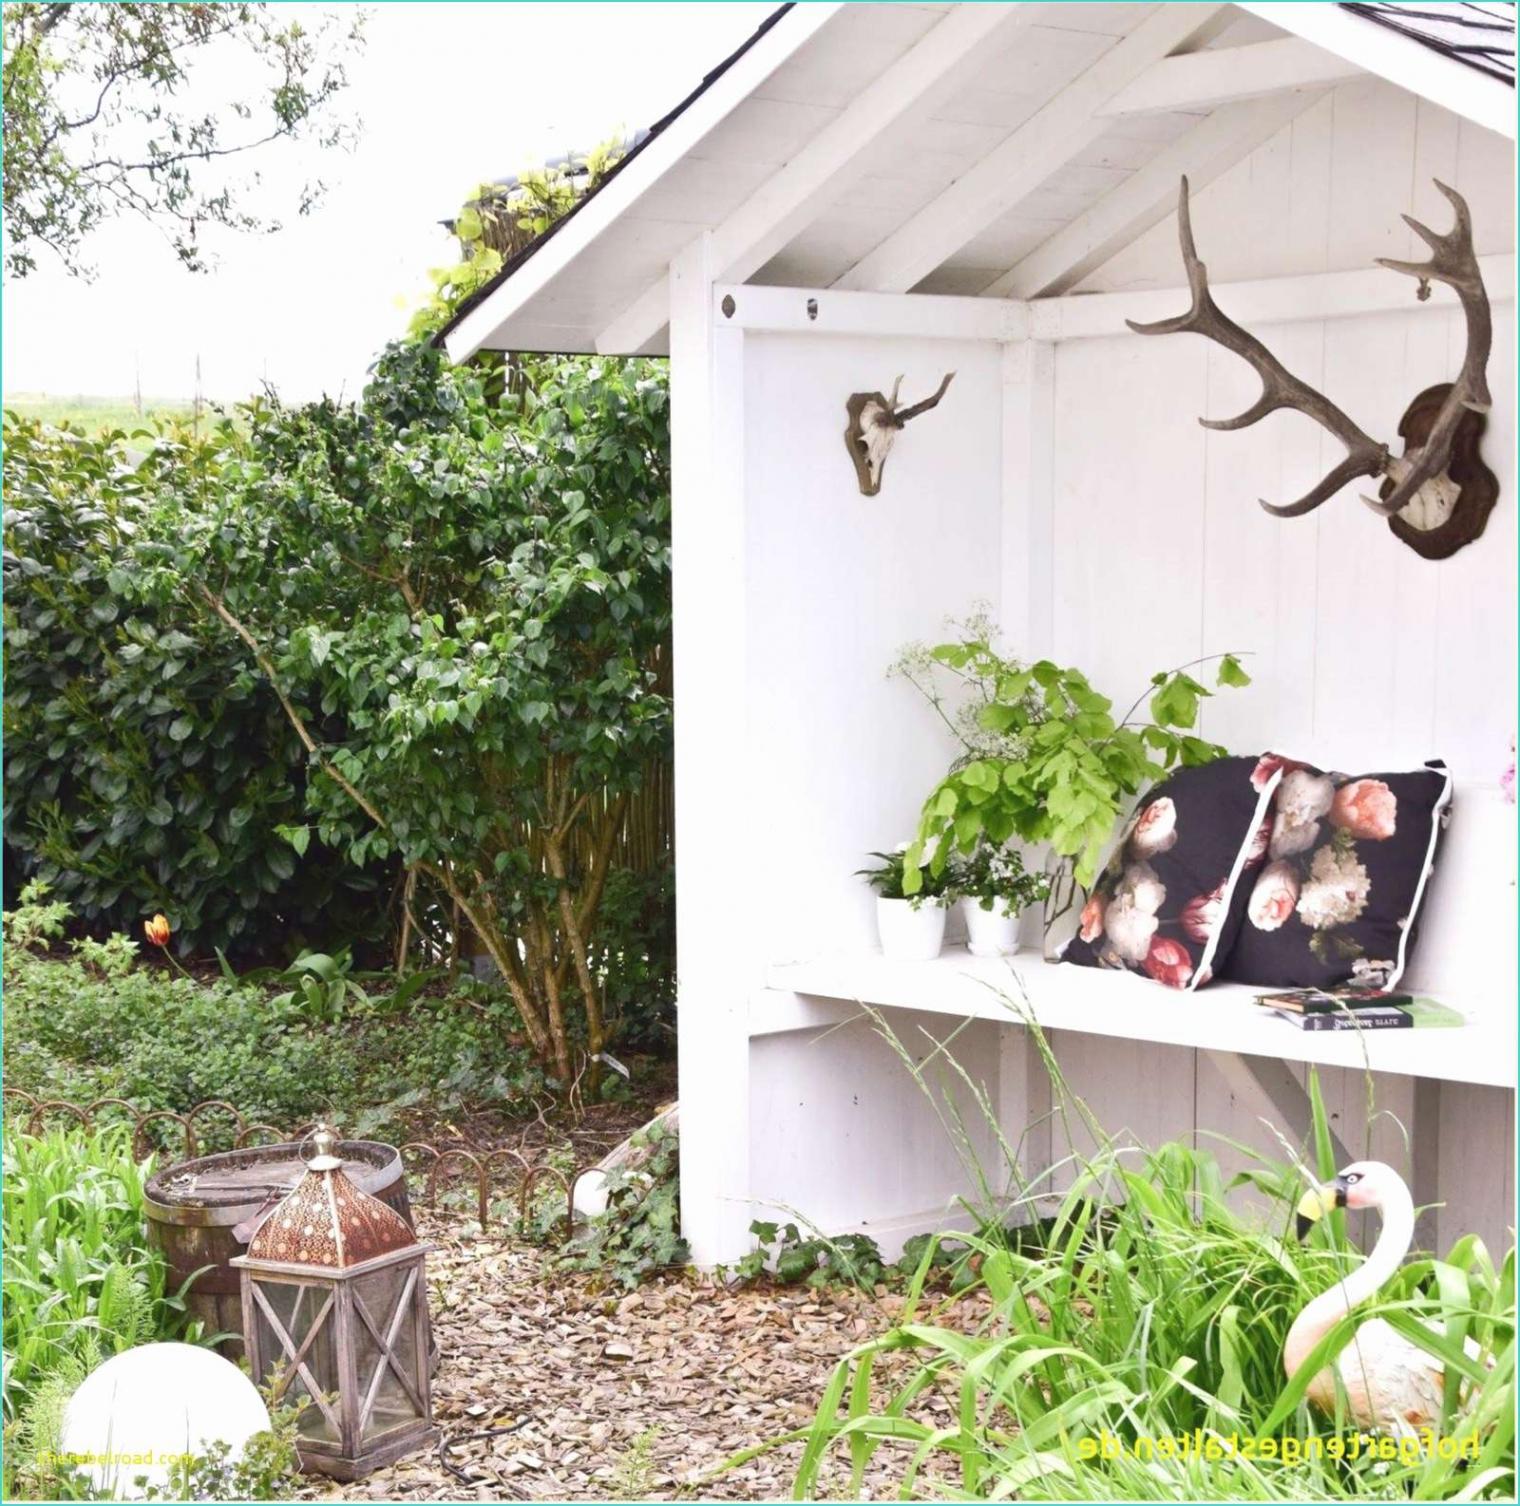 Fernseher Draußen Garten Schön Osterdeko Selber Machen Für Draußen — Temobardz Home Blog